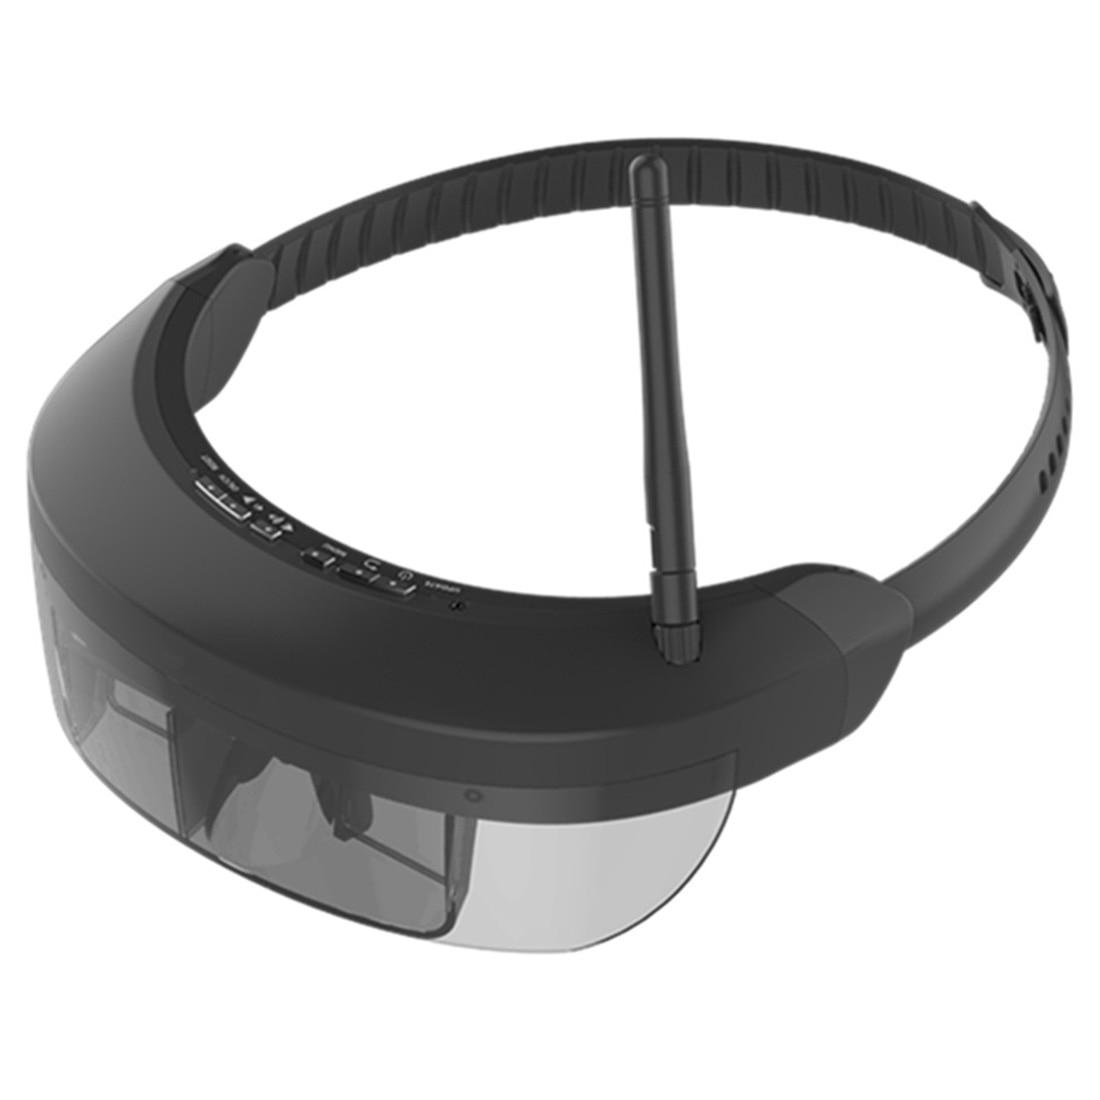 Беспроводной FPV очки 3D видео очки Vision 730S с 5,8G 40CH 98 дюймов дисплей частный виртуальный кинотеатр для FPV квадрокоптера